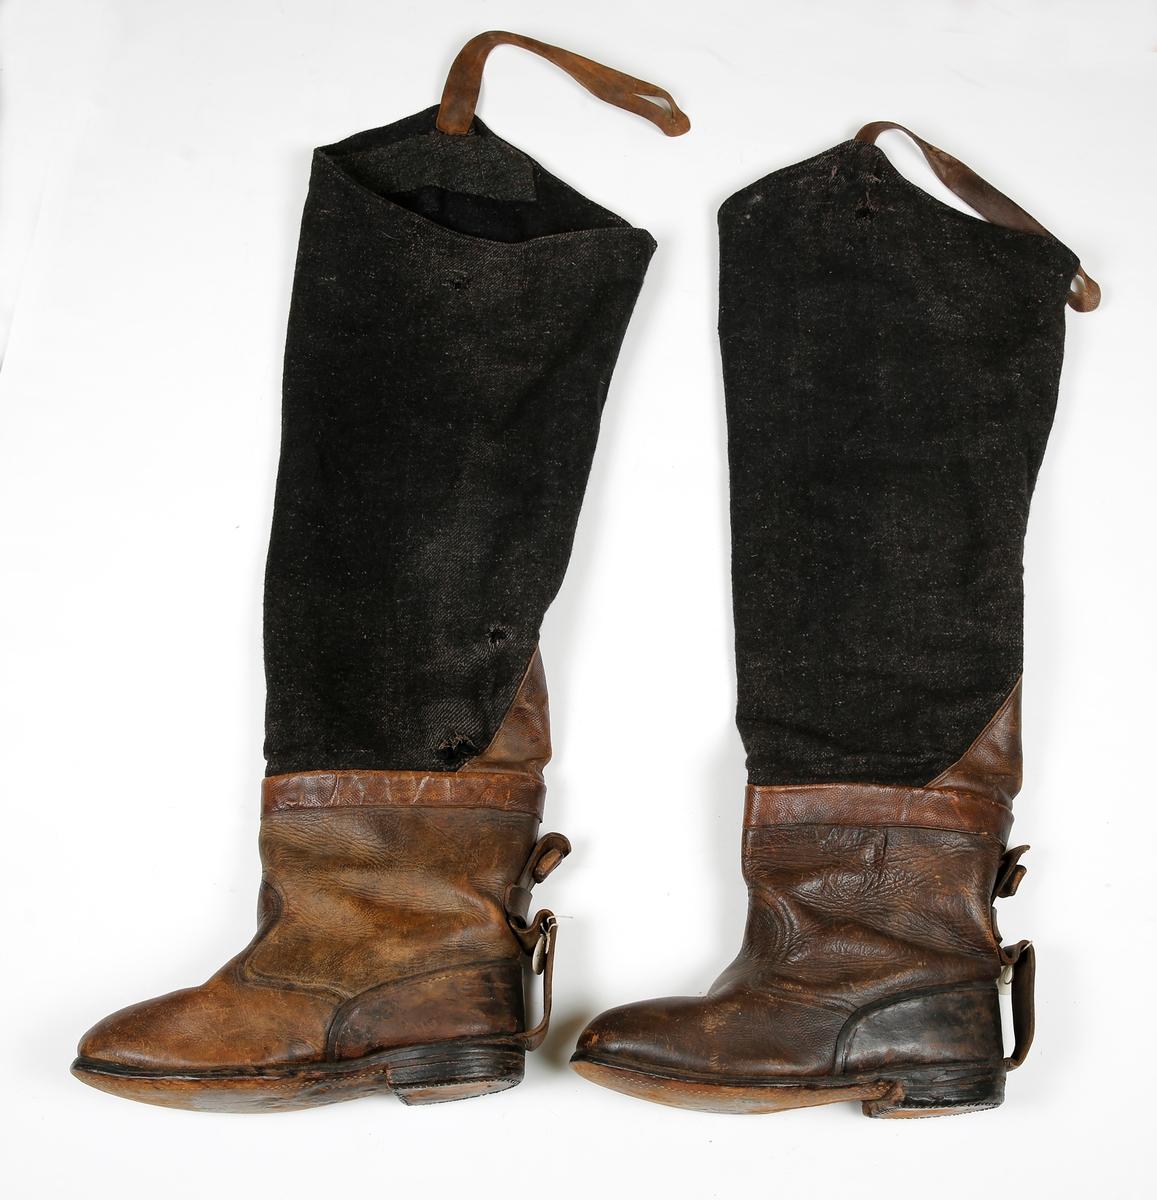 Støvler,offiser Anno Glomdalsmuseet DigitaltMuseum